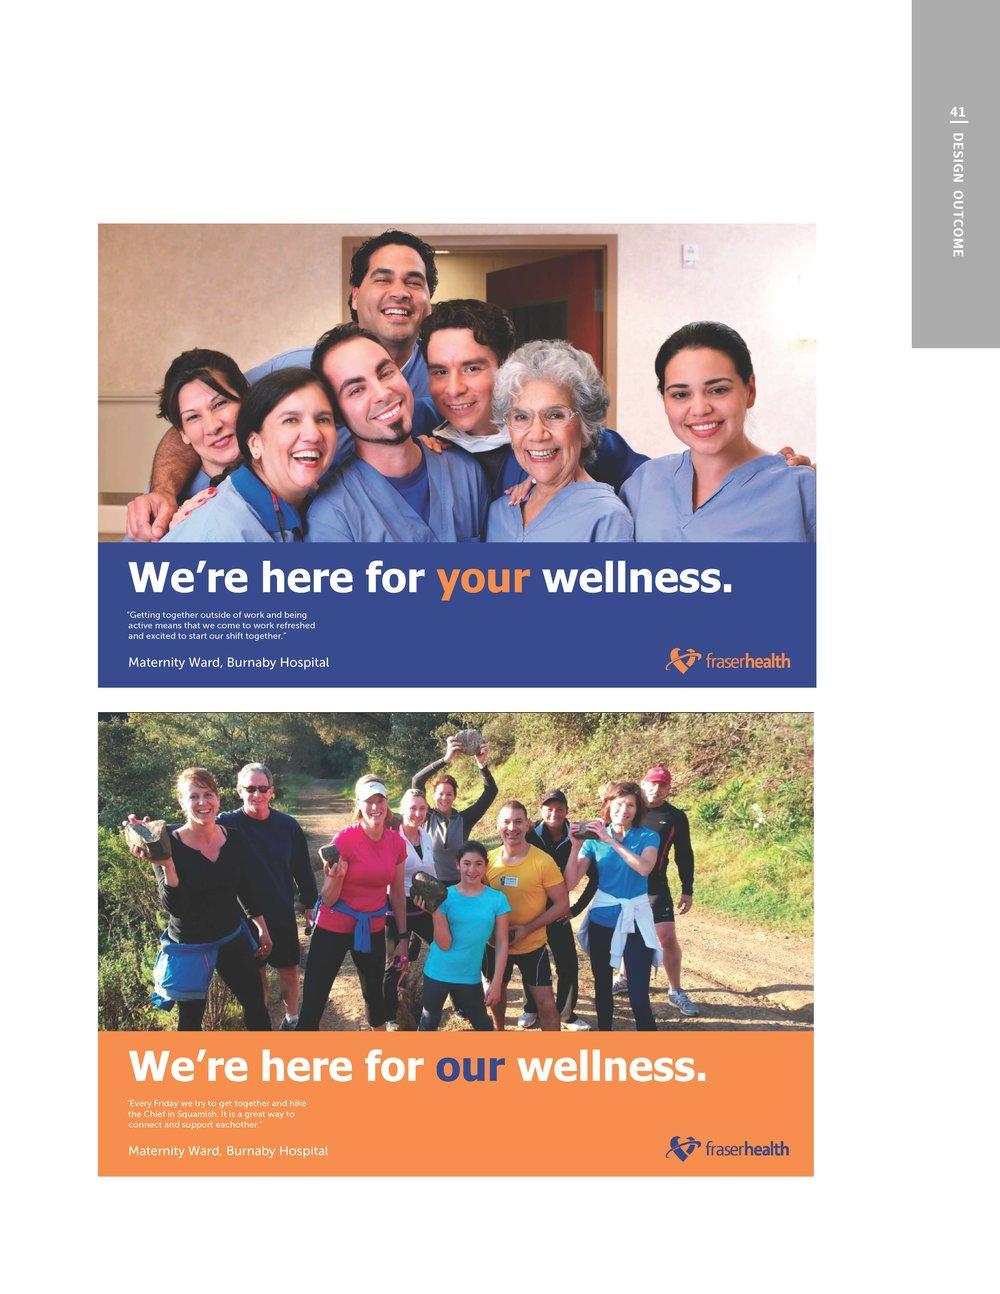 Copy of HDL_Fraser_Health_V4_Page_41.jpg